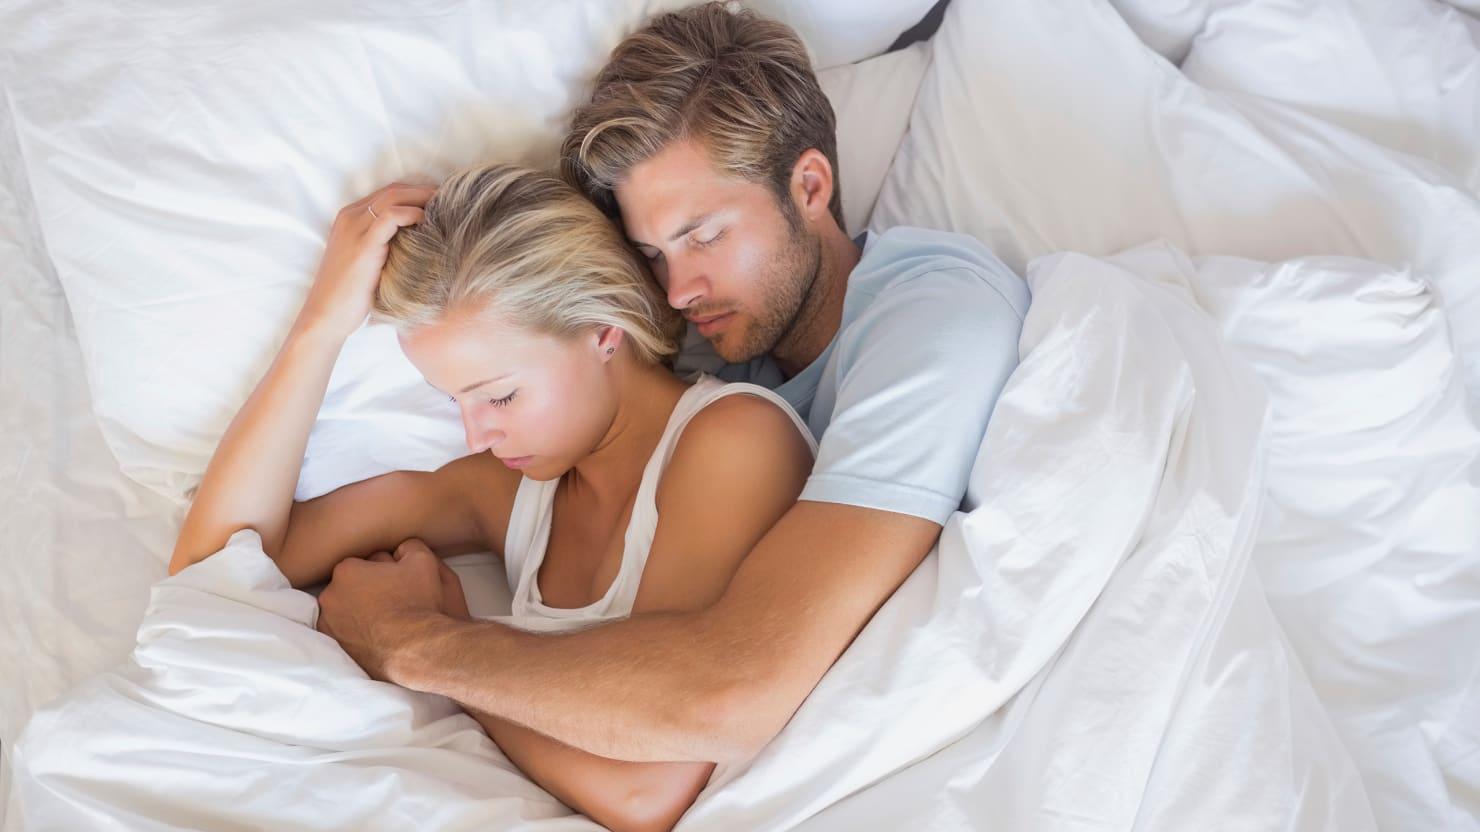 tư thế ôm khi ngủ 3